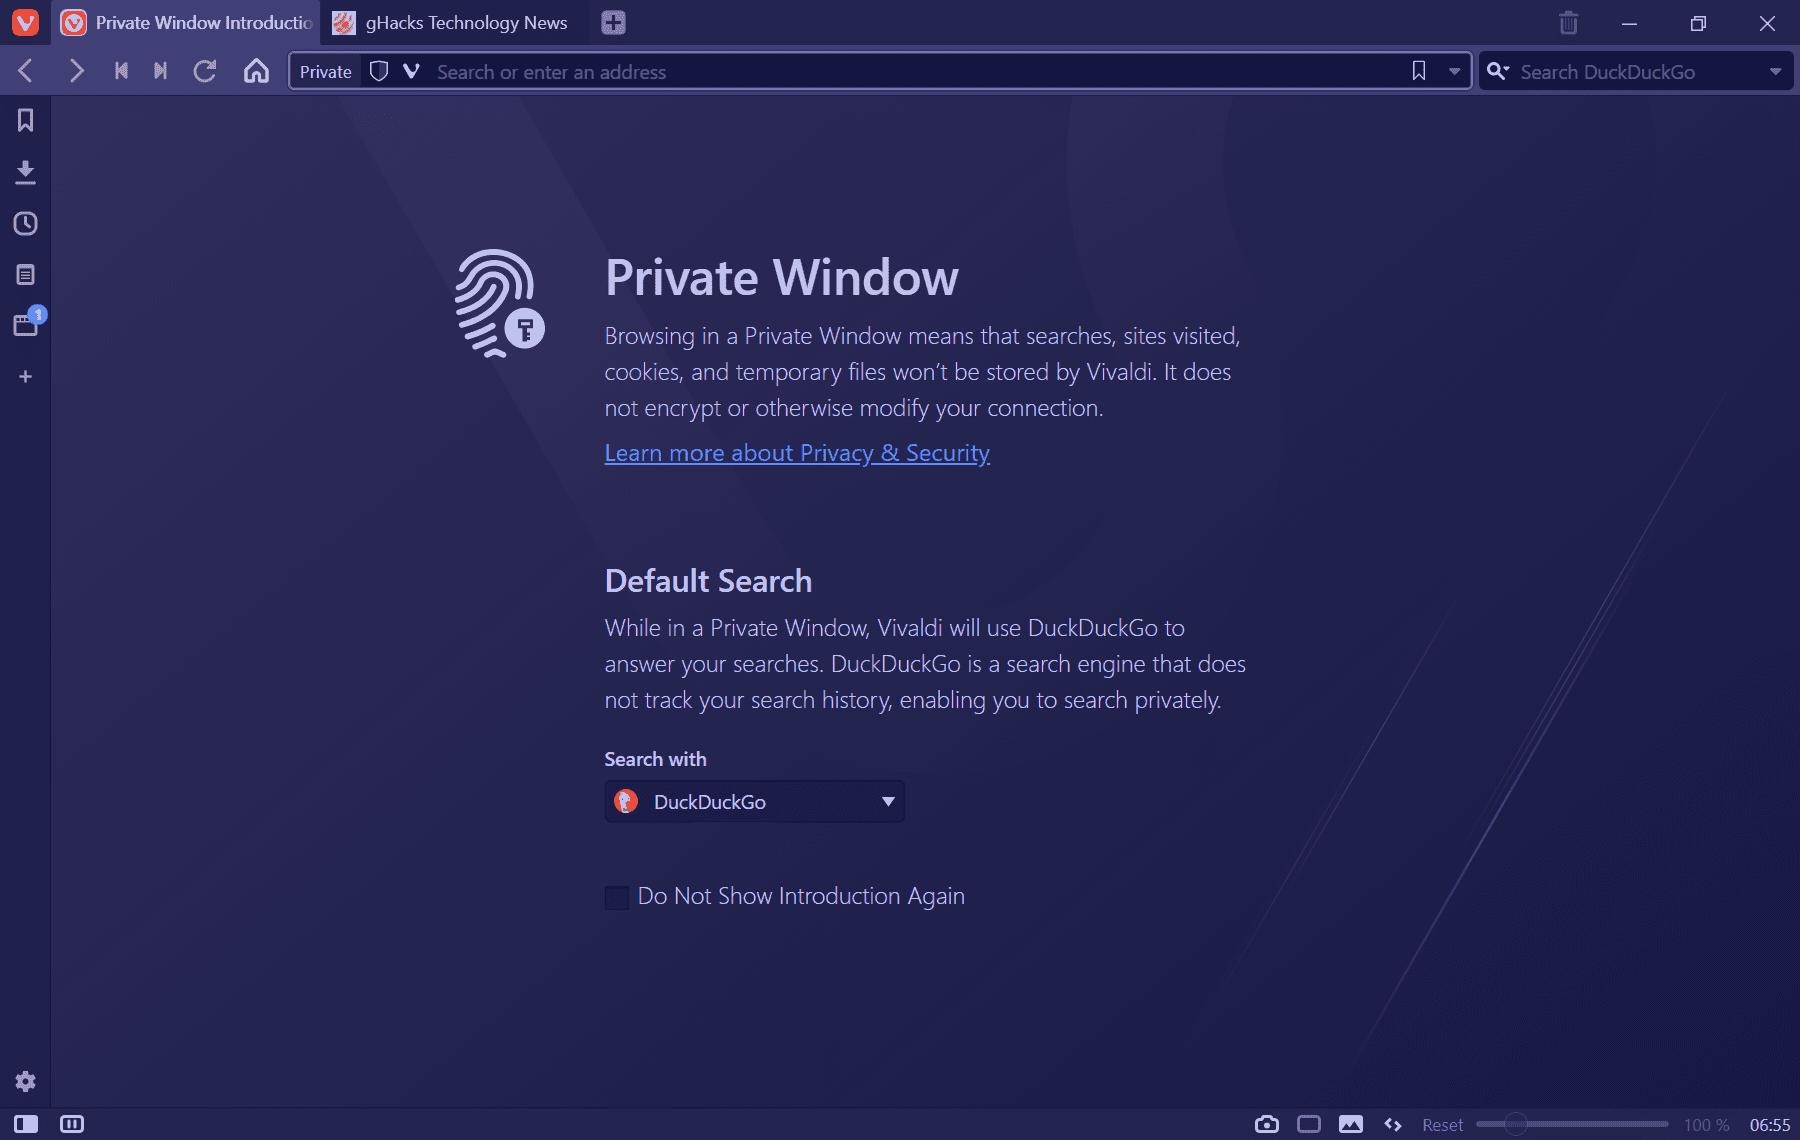 vivaldi-3.3-nuevo tema de ventana privada